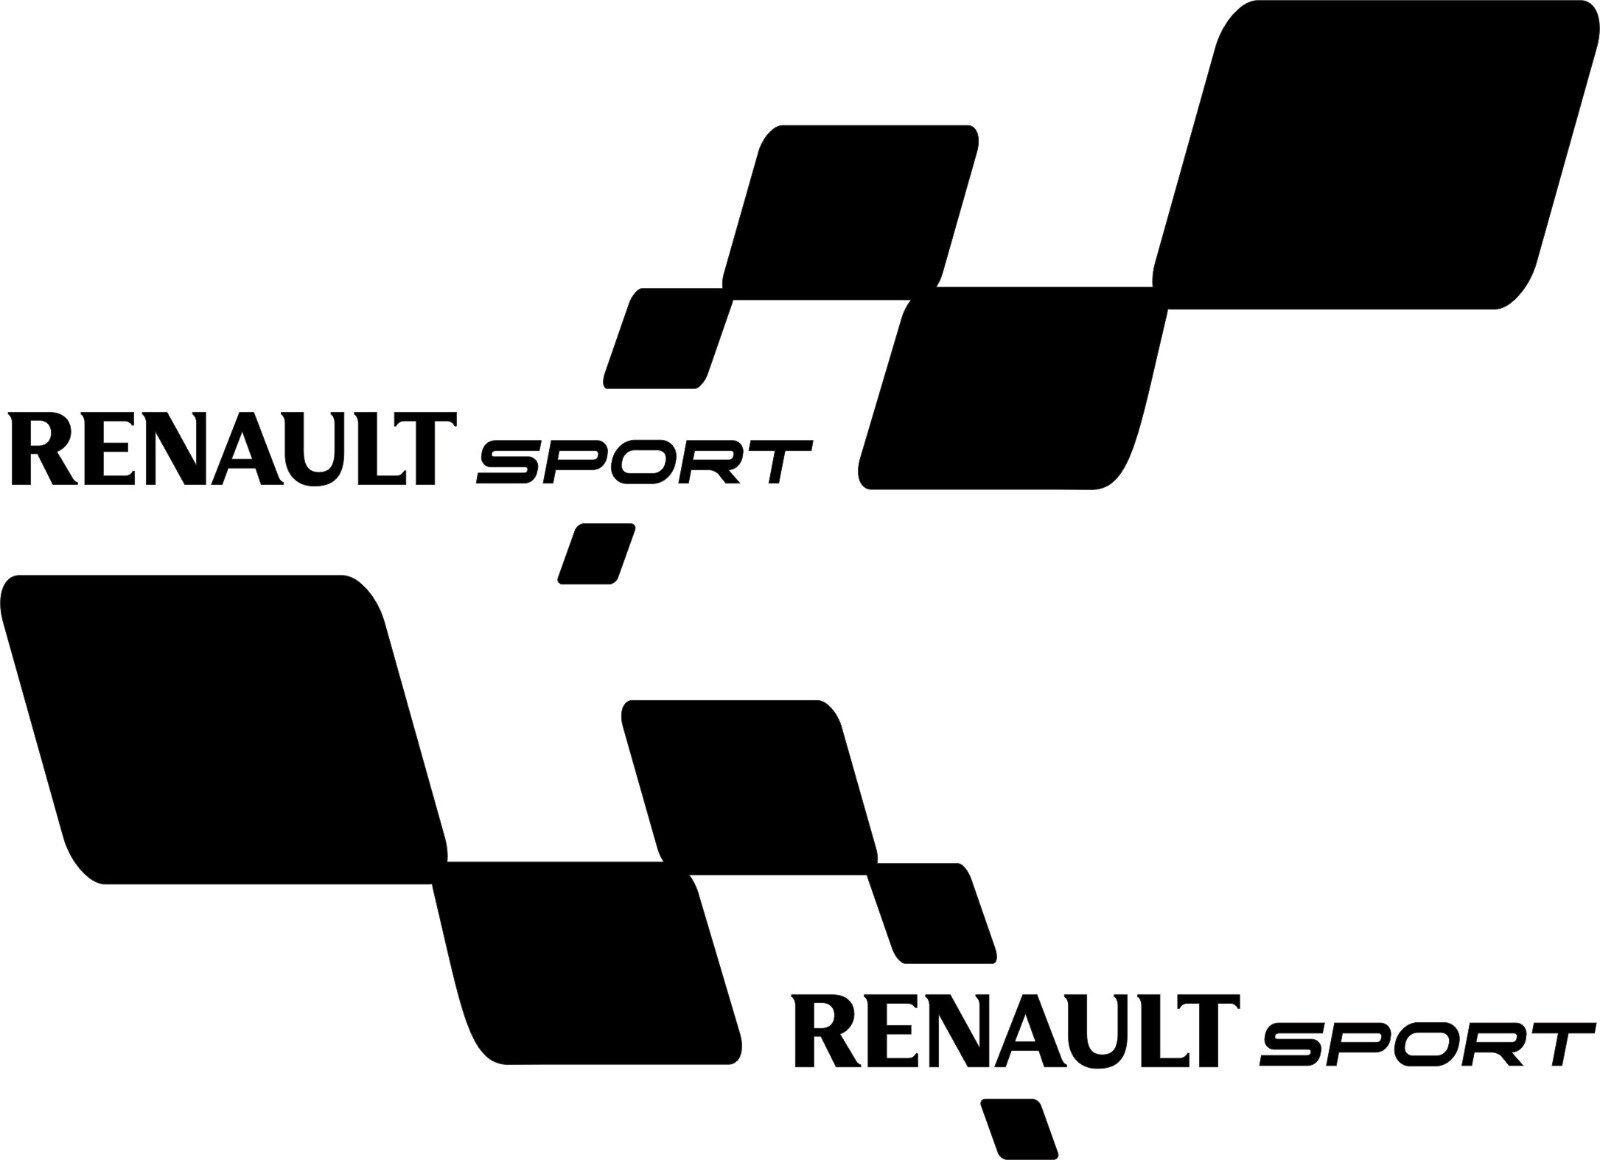 Megane 2009-2011 Reparatursatz Aufkleber Knopf Schalter Radio für Renault Clio